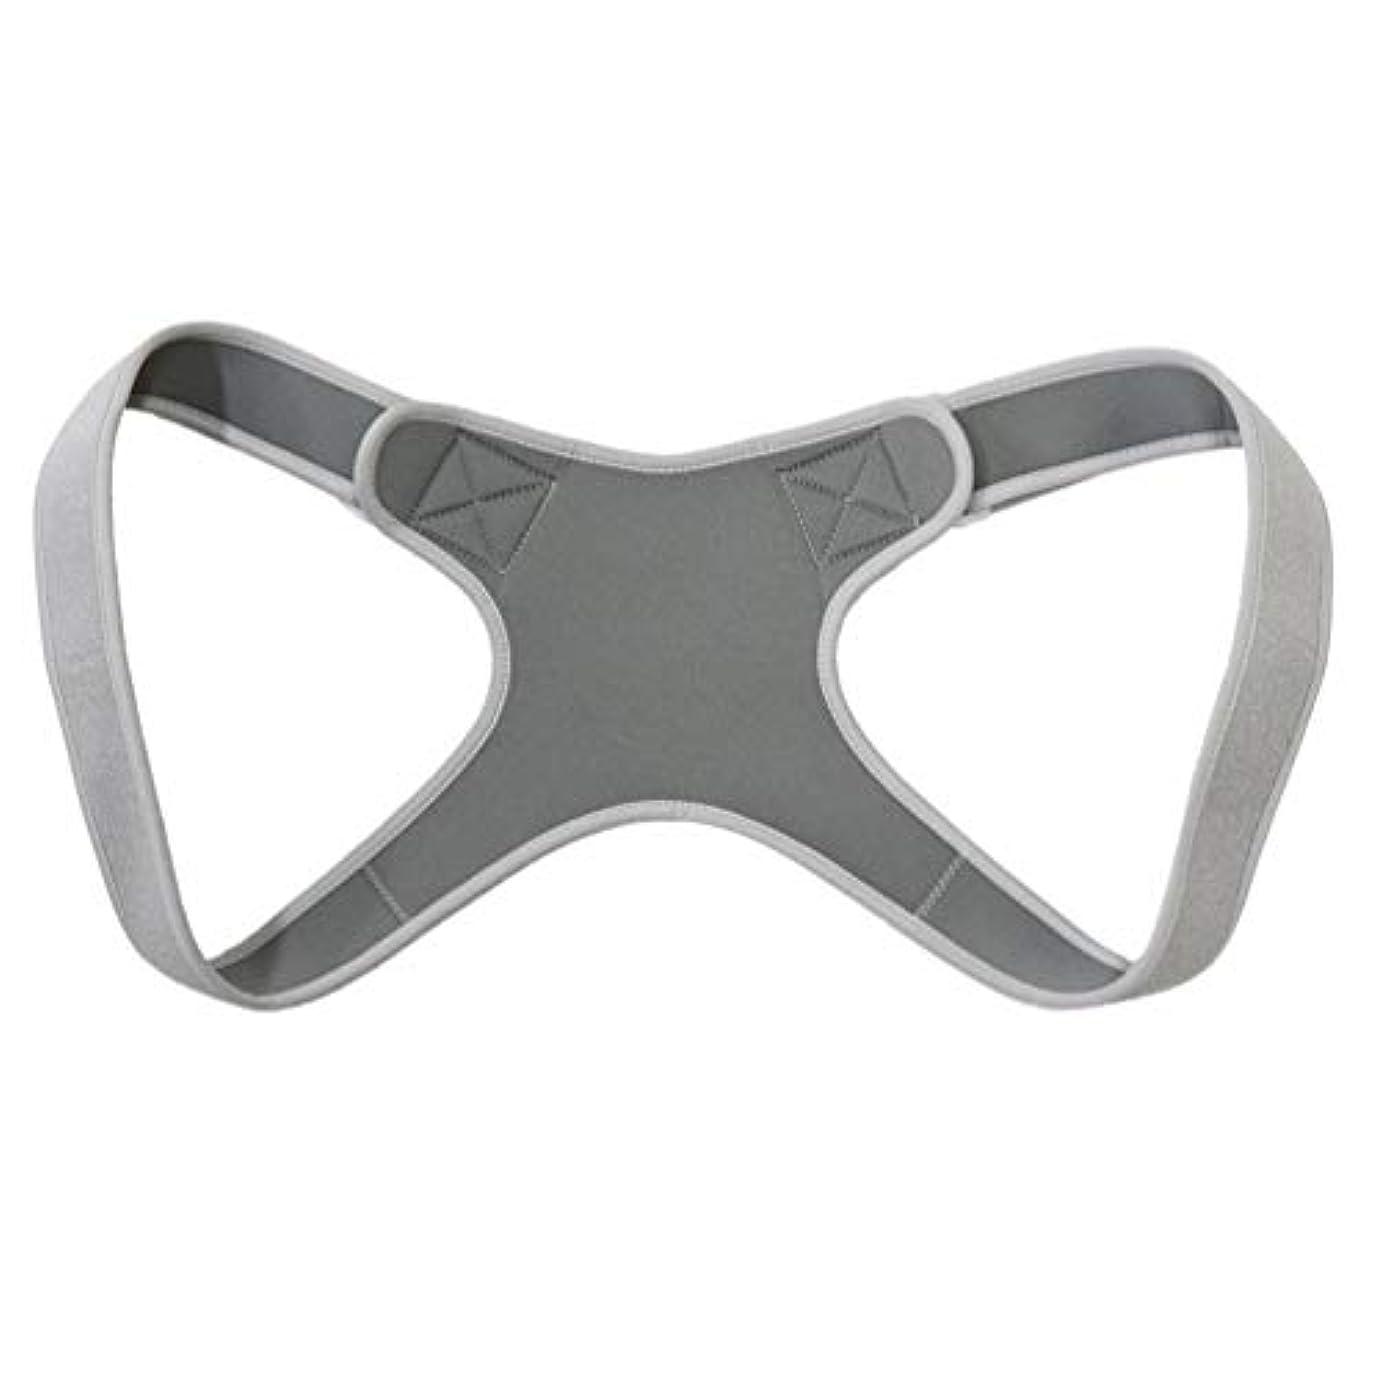 商品ローンフロー新しいアッパーバックポスチャーコレクター姿勢鎖骨サポートコレクターバックストレートショルダーブレースストラップコレクター - グレー